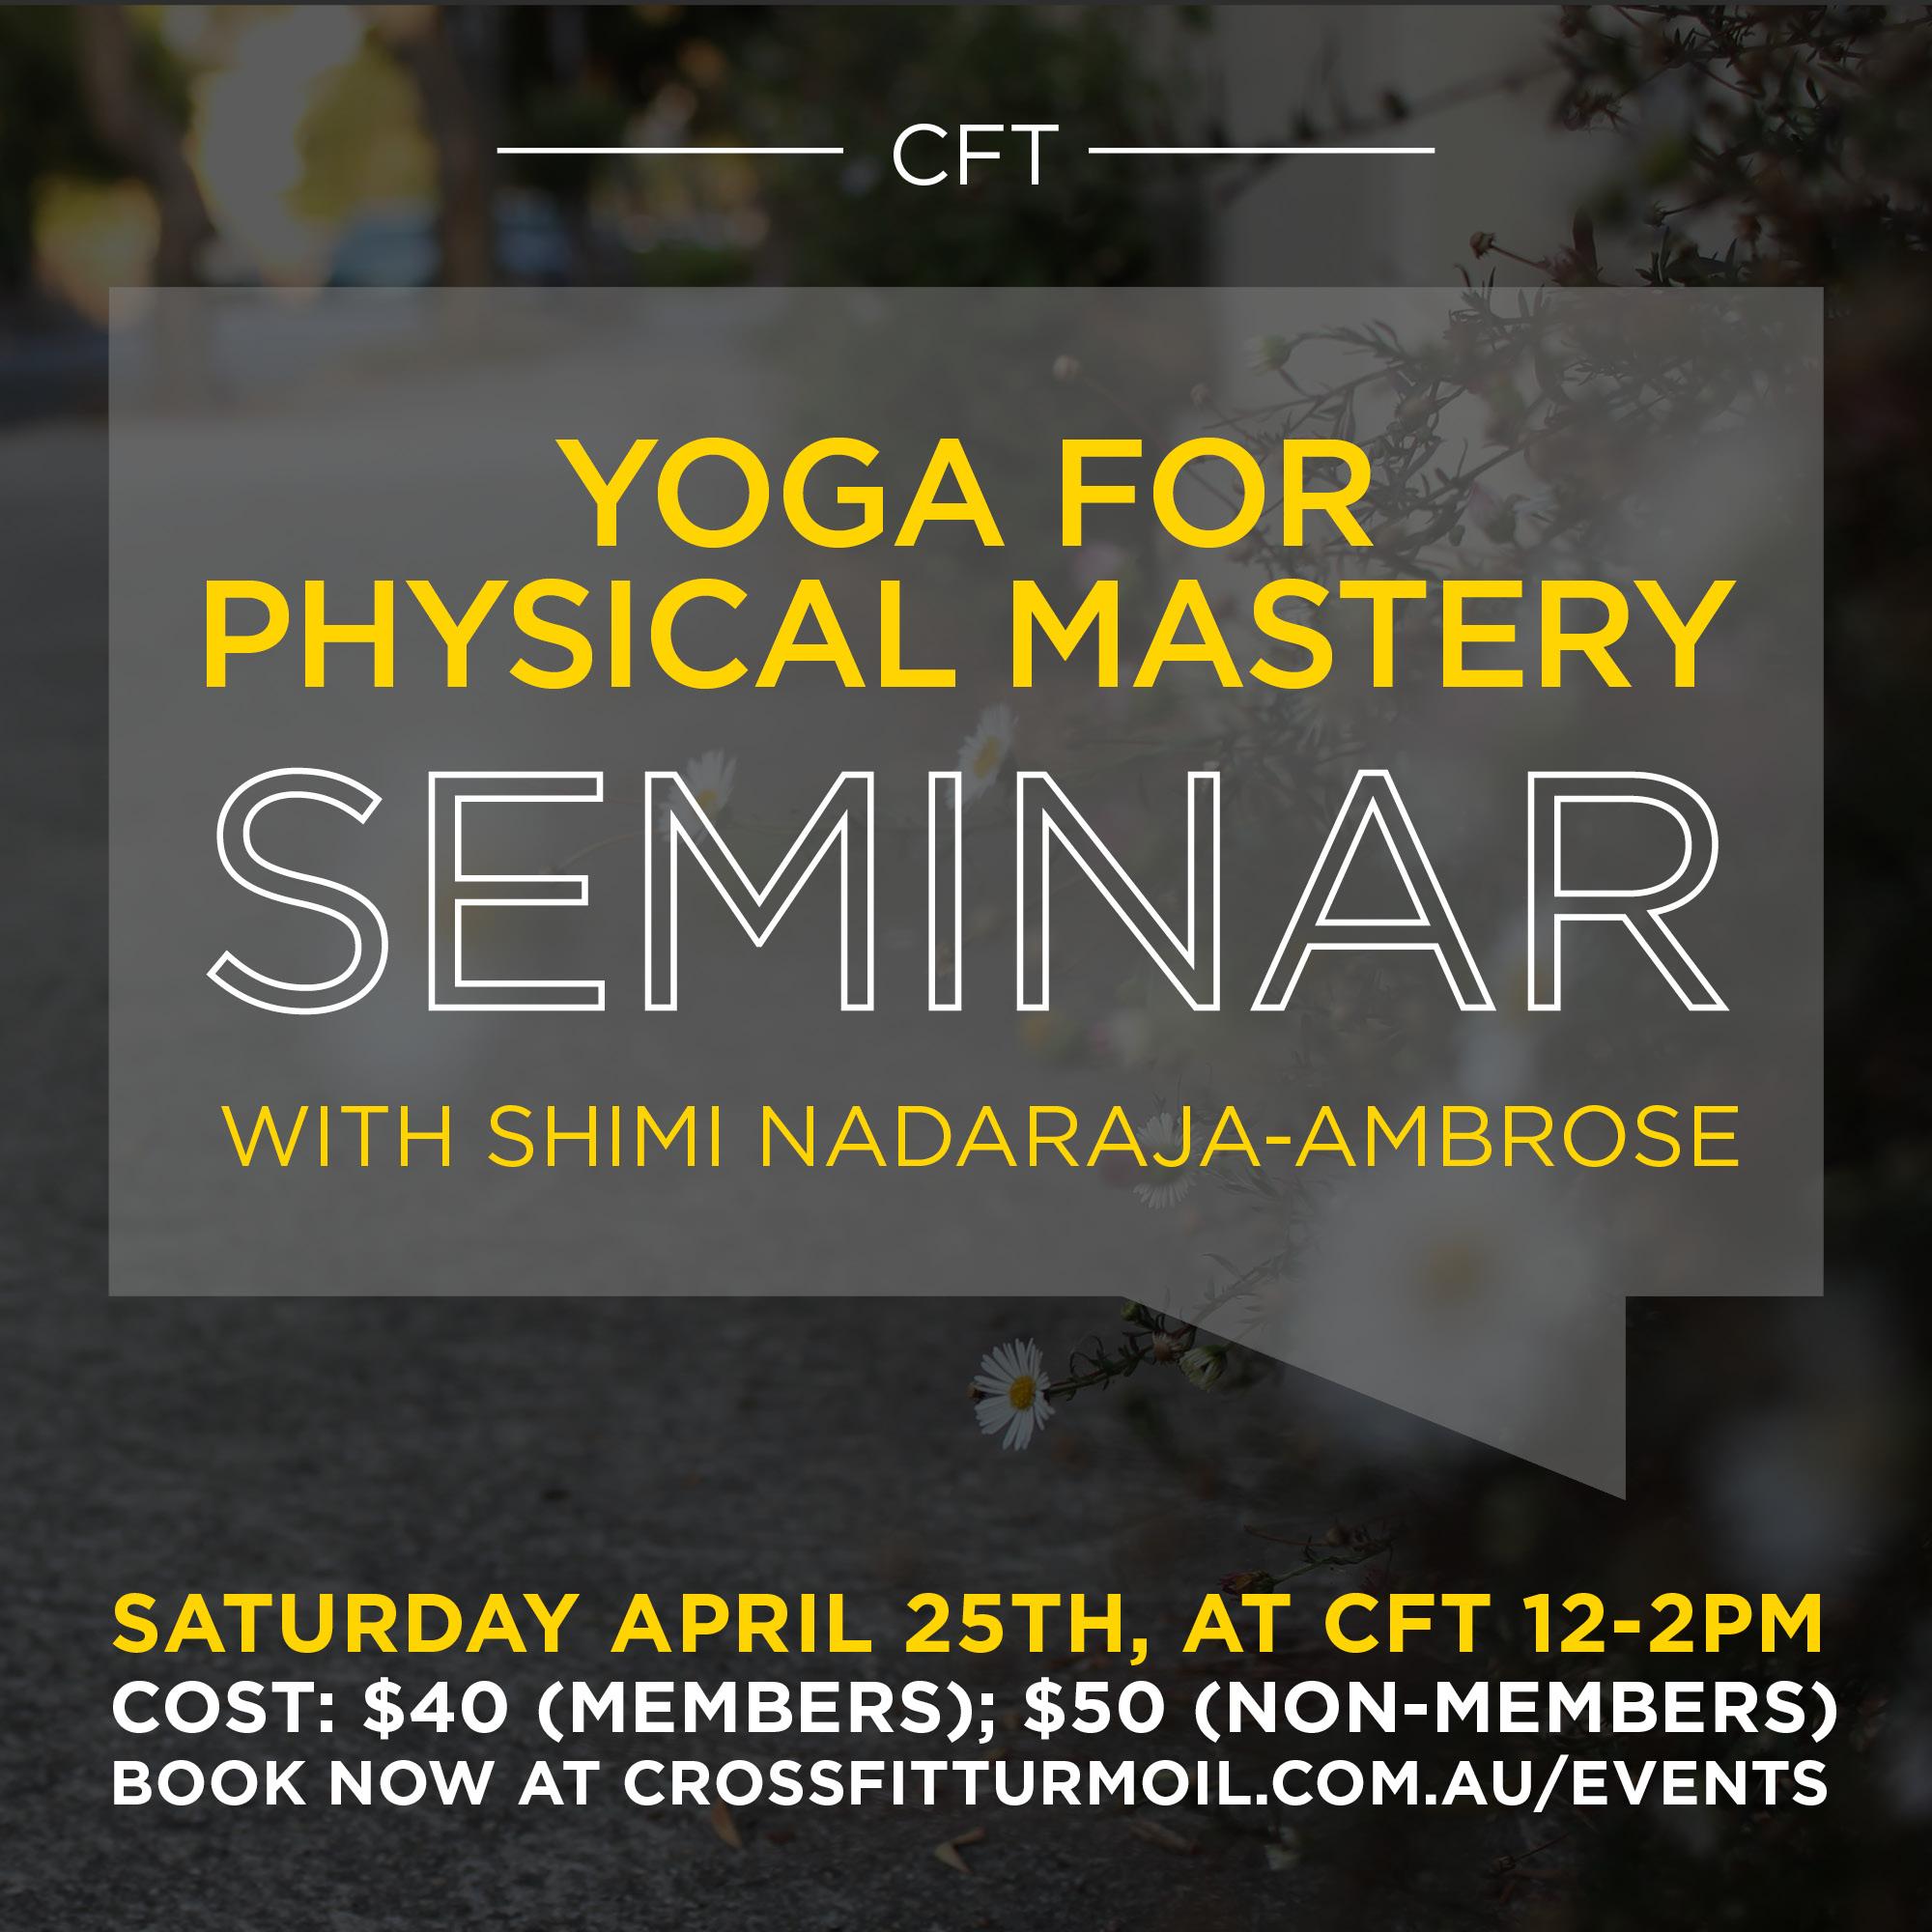 016_CFT_Yoga_Seminar_FB_Tile_FA